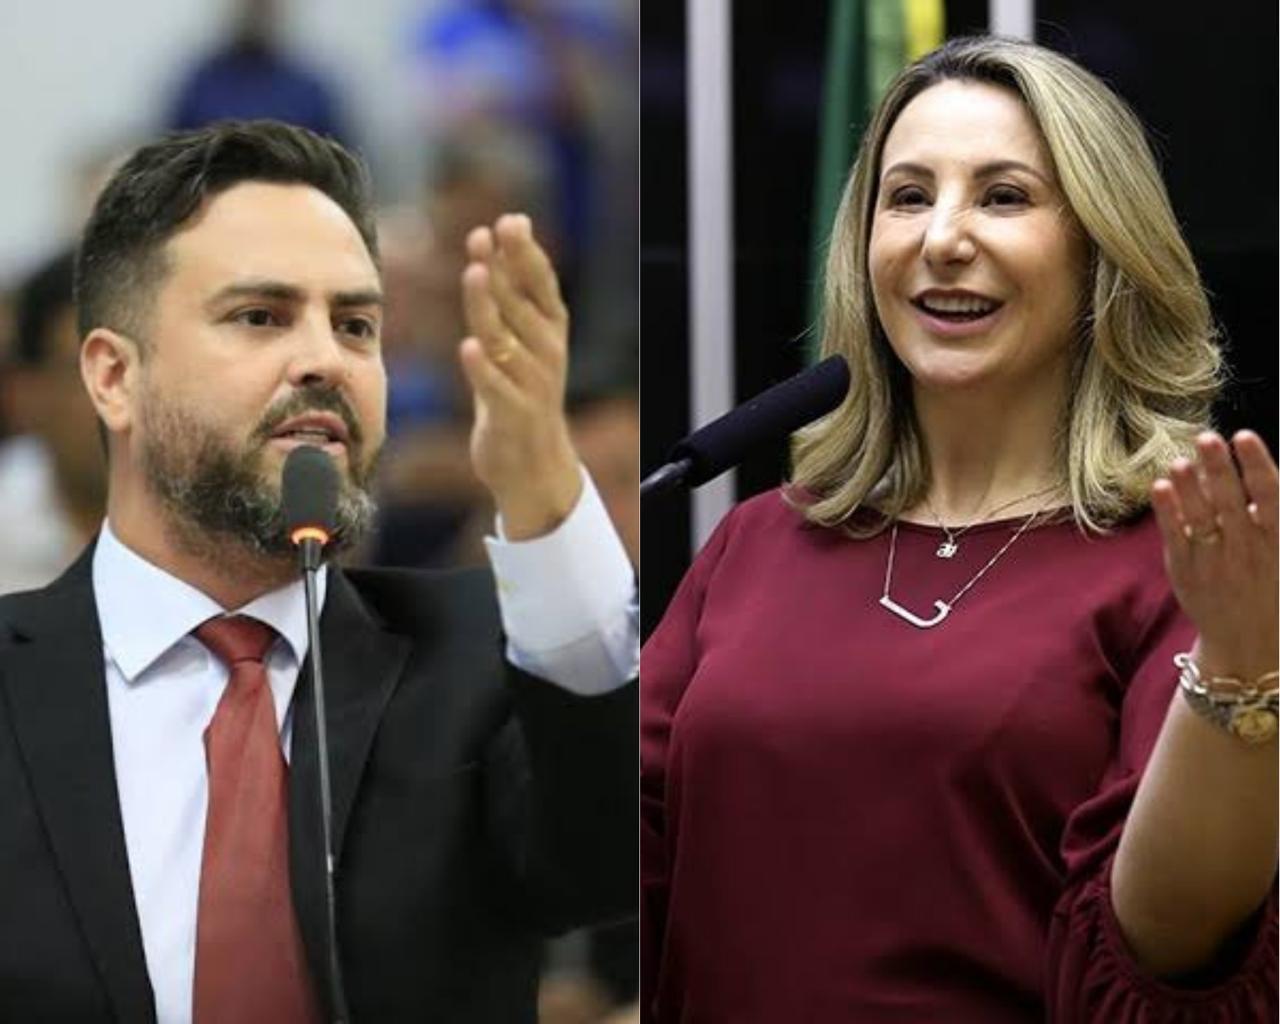 ELEIÇÕES 2022 – Léo Moraes e Jaqueline Cassol podem ser os nomes surpresas na corrida ao Senado